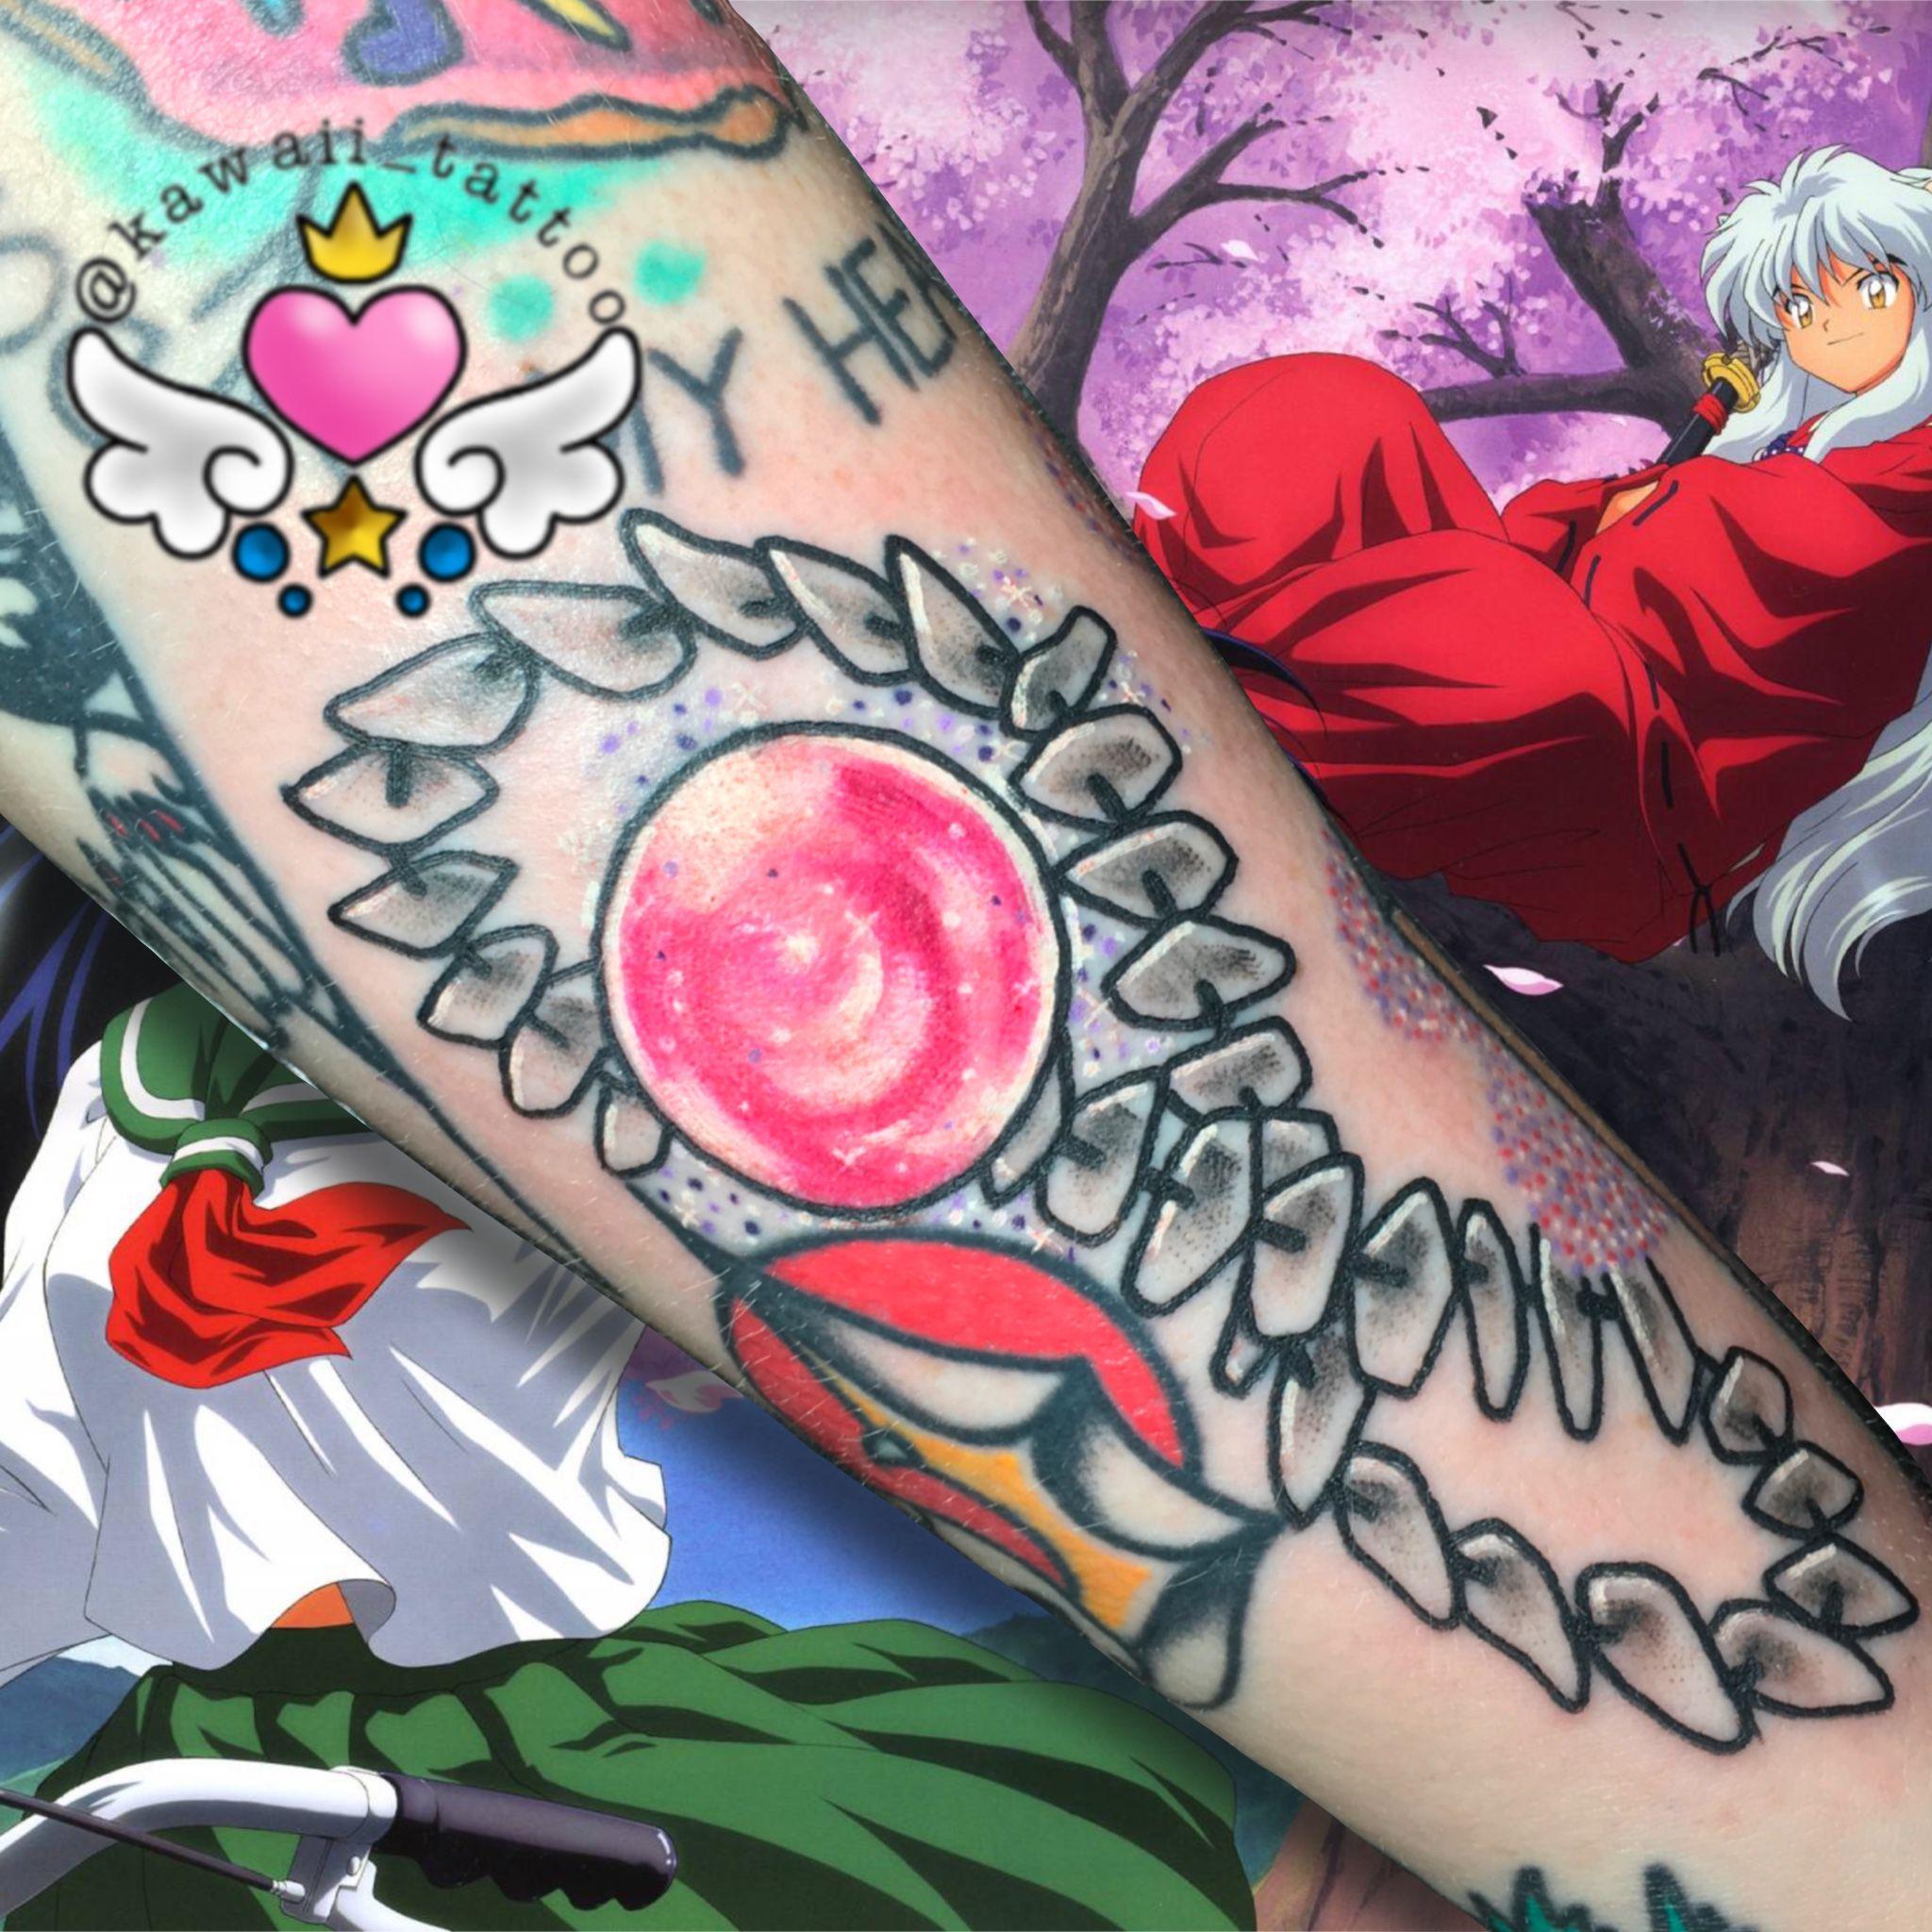 Inuyasha Shikon Jewel Necklace Tattoo Done By Me Email Kawaiitattoo